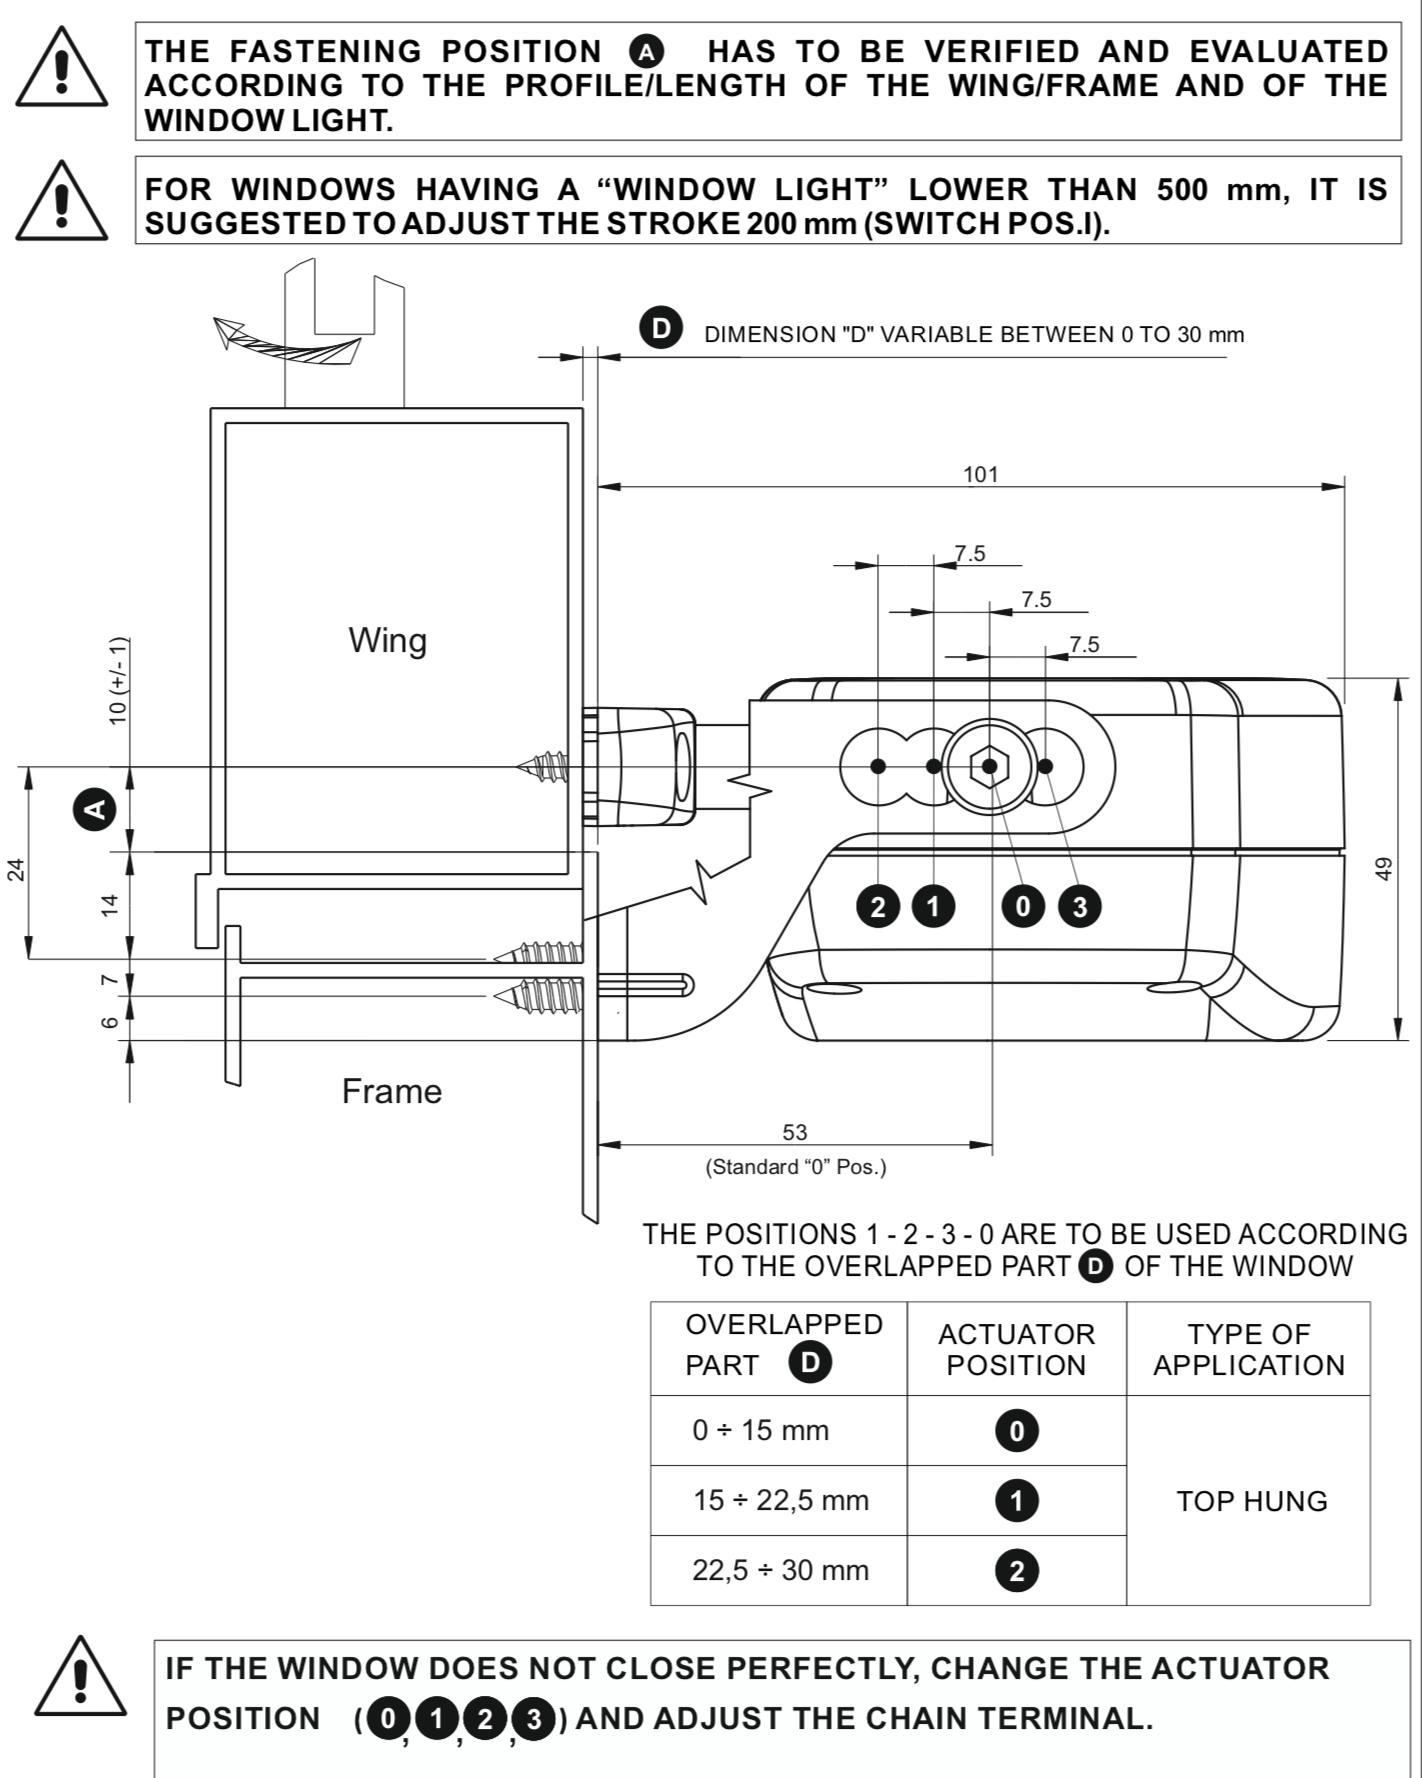 Installing instructions for Topp C30 Opener